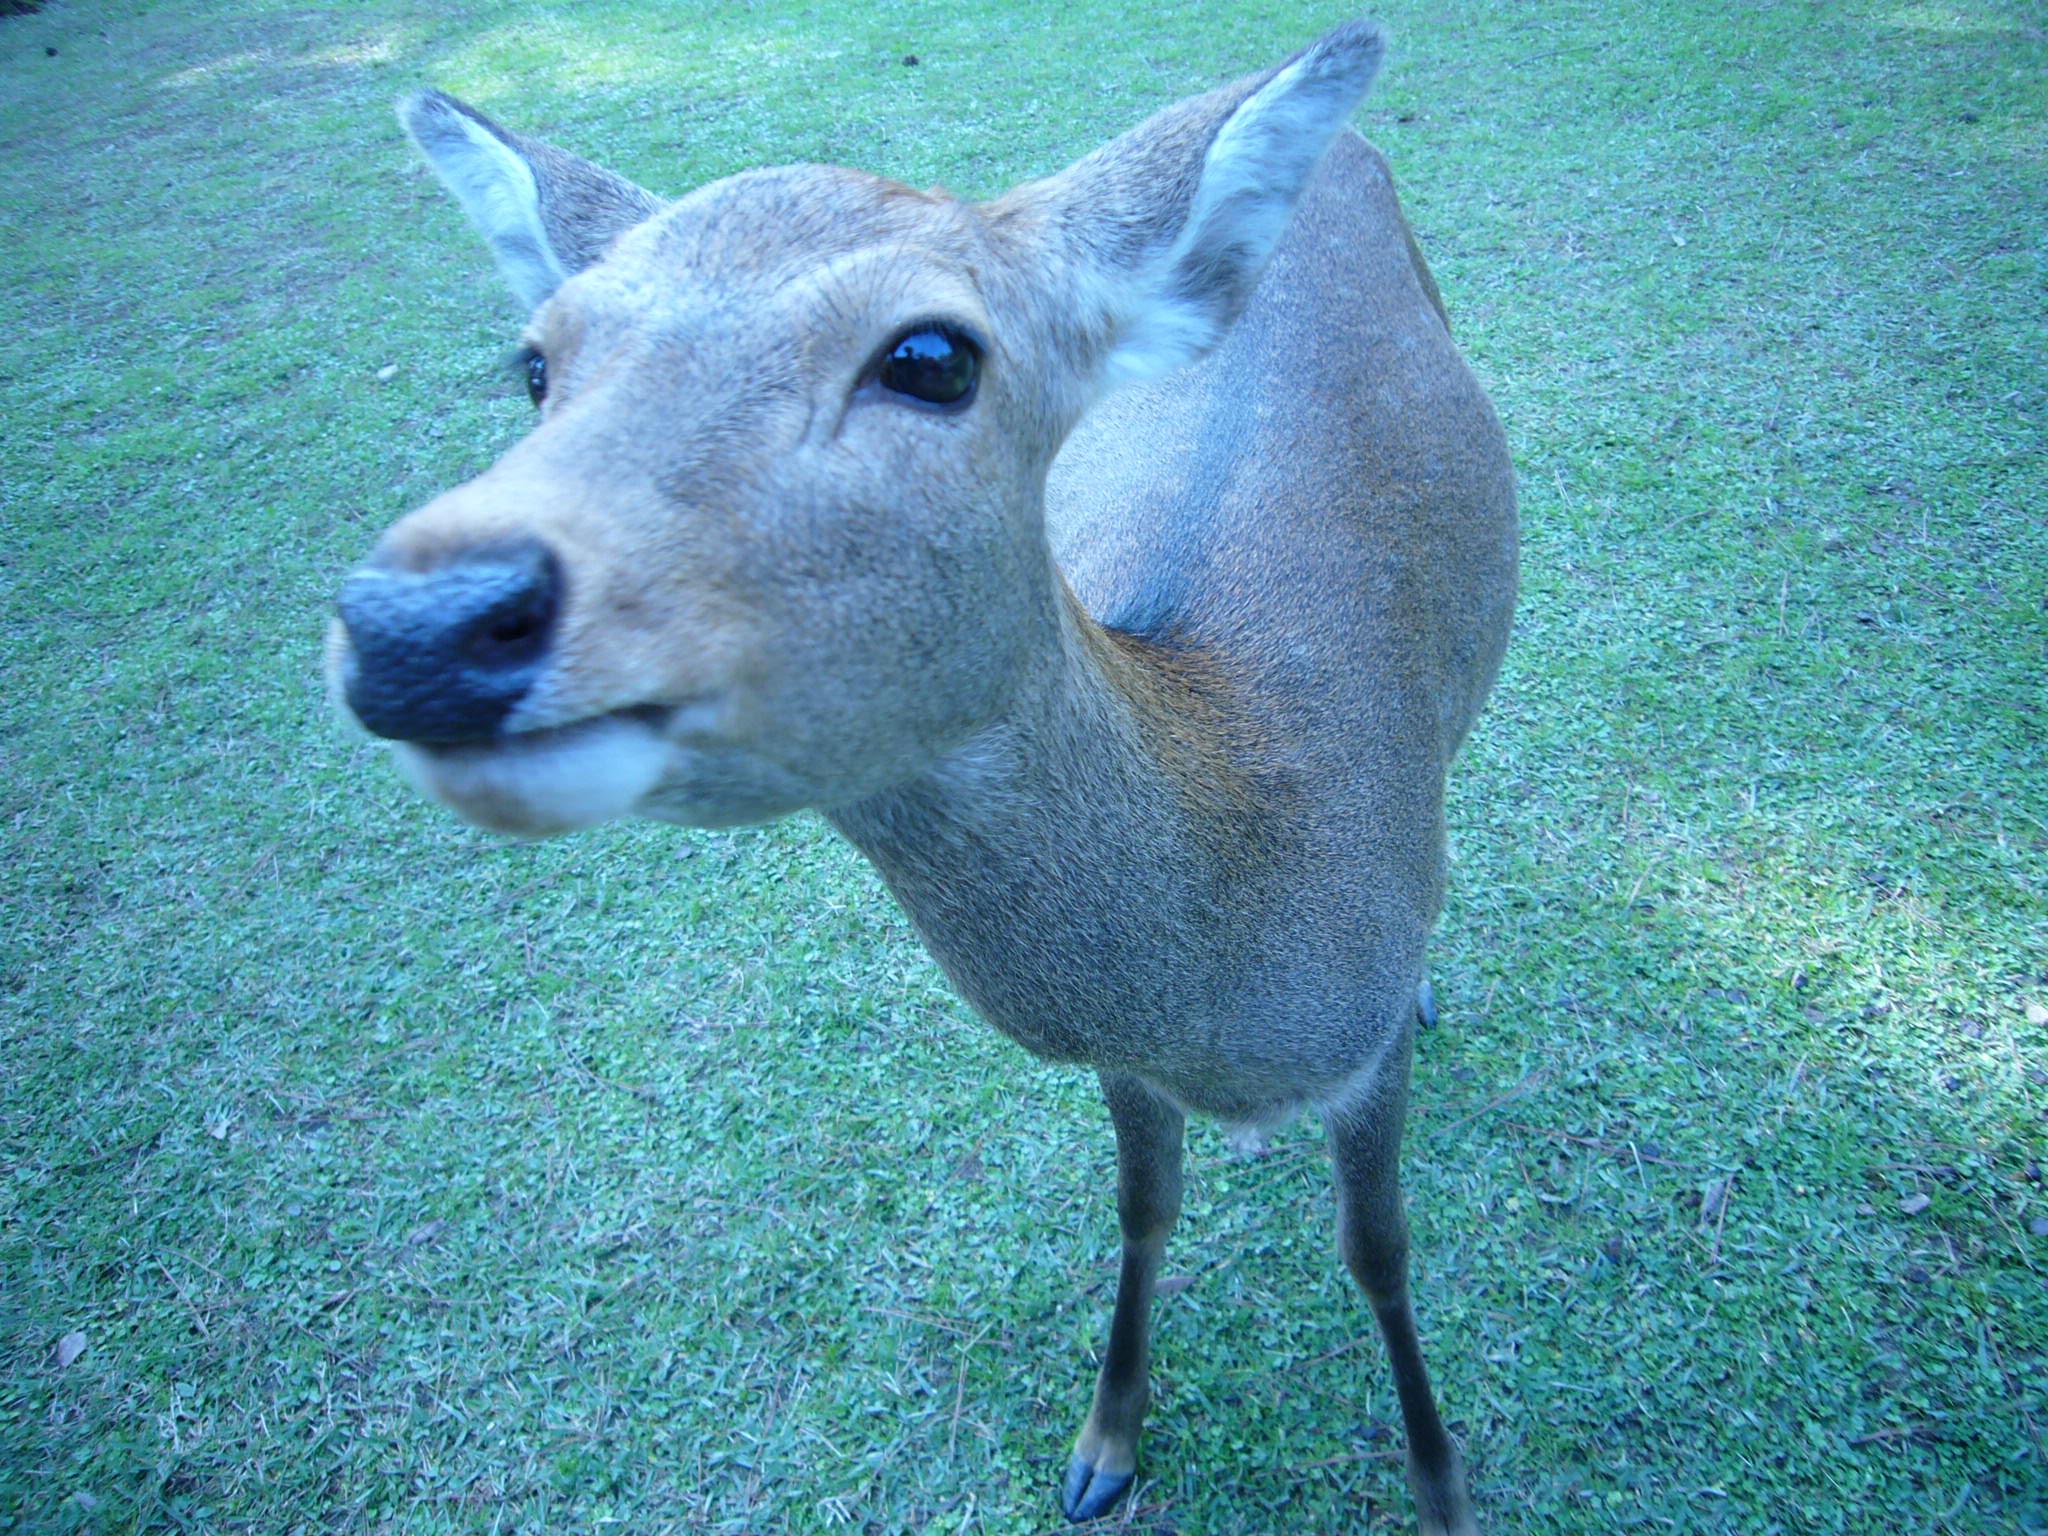 今回の旅行の趣旨は、「鹿に鹿せんべいをあげること」だったので、行った時点ですぐに叶いました♪ ce83e7f5c84